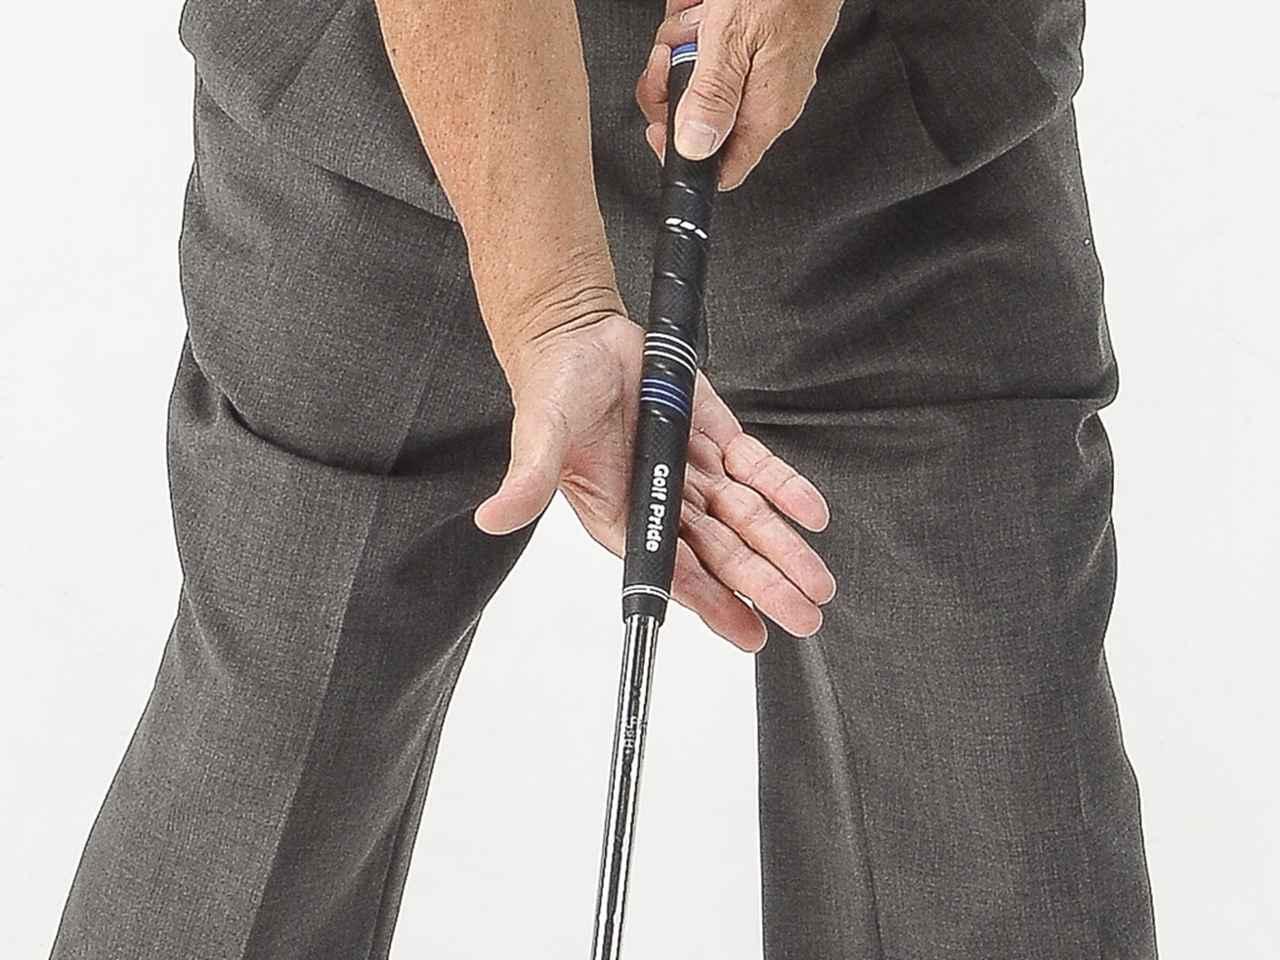 画像: 手のひらは、力を必要とする作業が得意。手のひらは、大きくゆっくり動かす動作が得意。手のひらは、プレッシャーにも強い(撮影/浅田紀元)